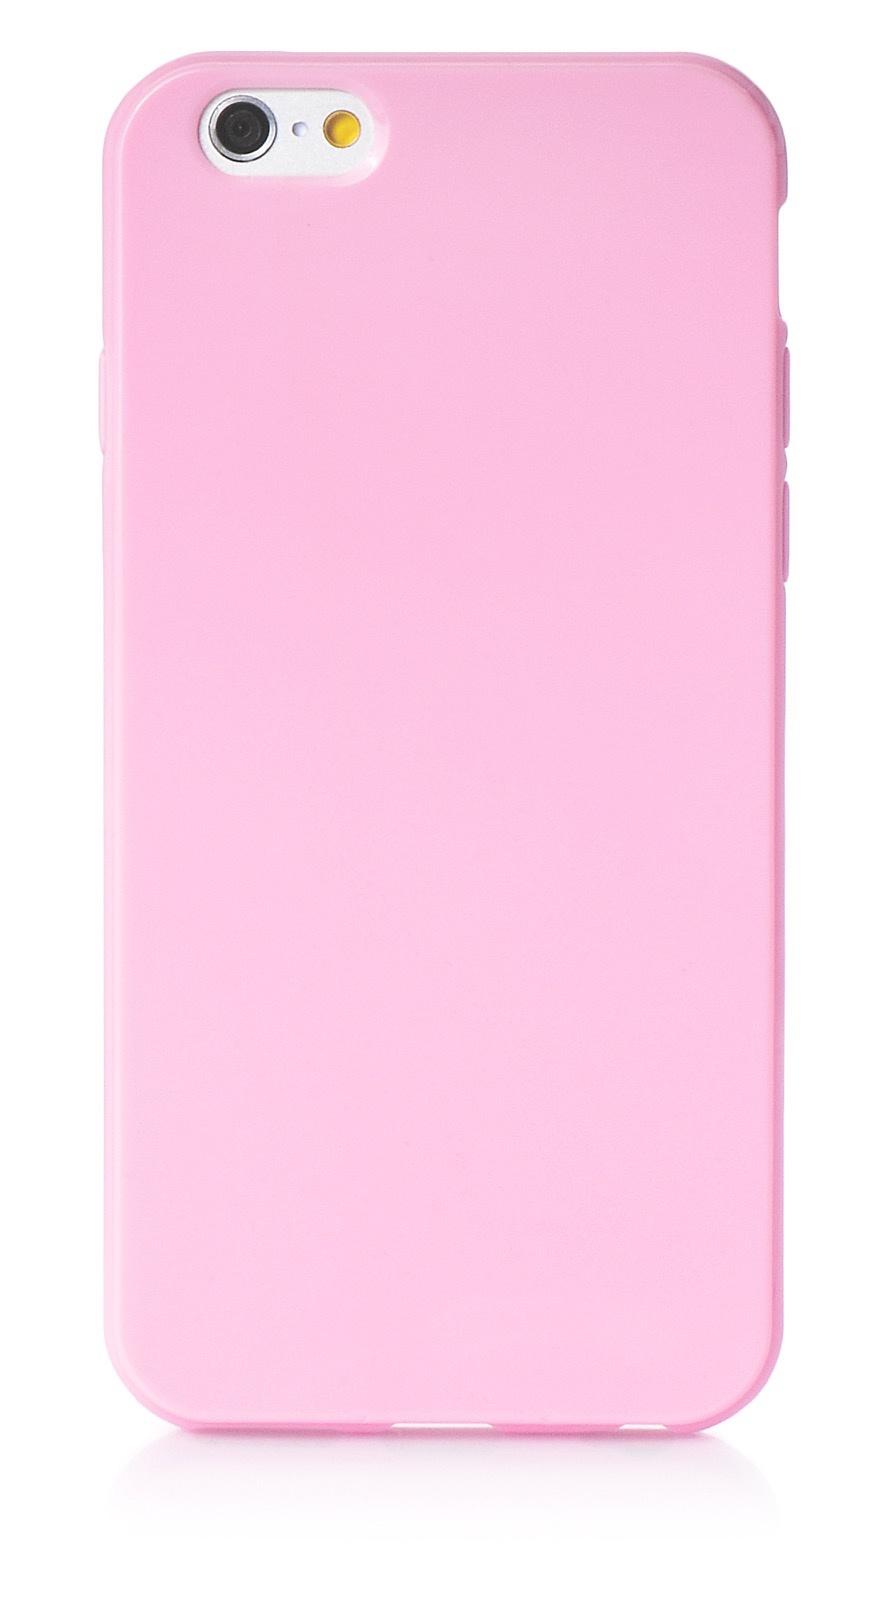 """Чехол для сотового телефона iNeez накладка силикон мыльница 580125 для Apple Iphone 6/6S 4.7"""", розовый"""